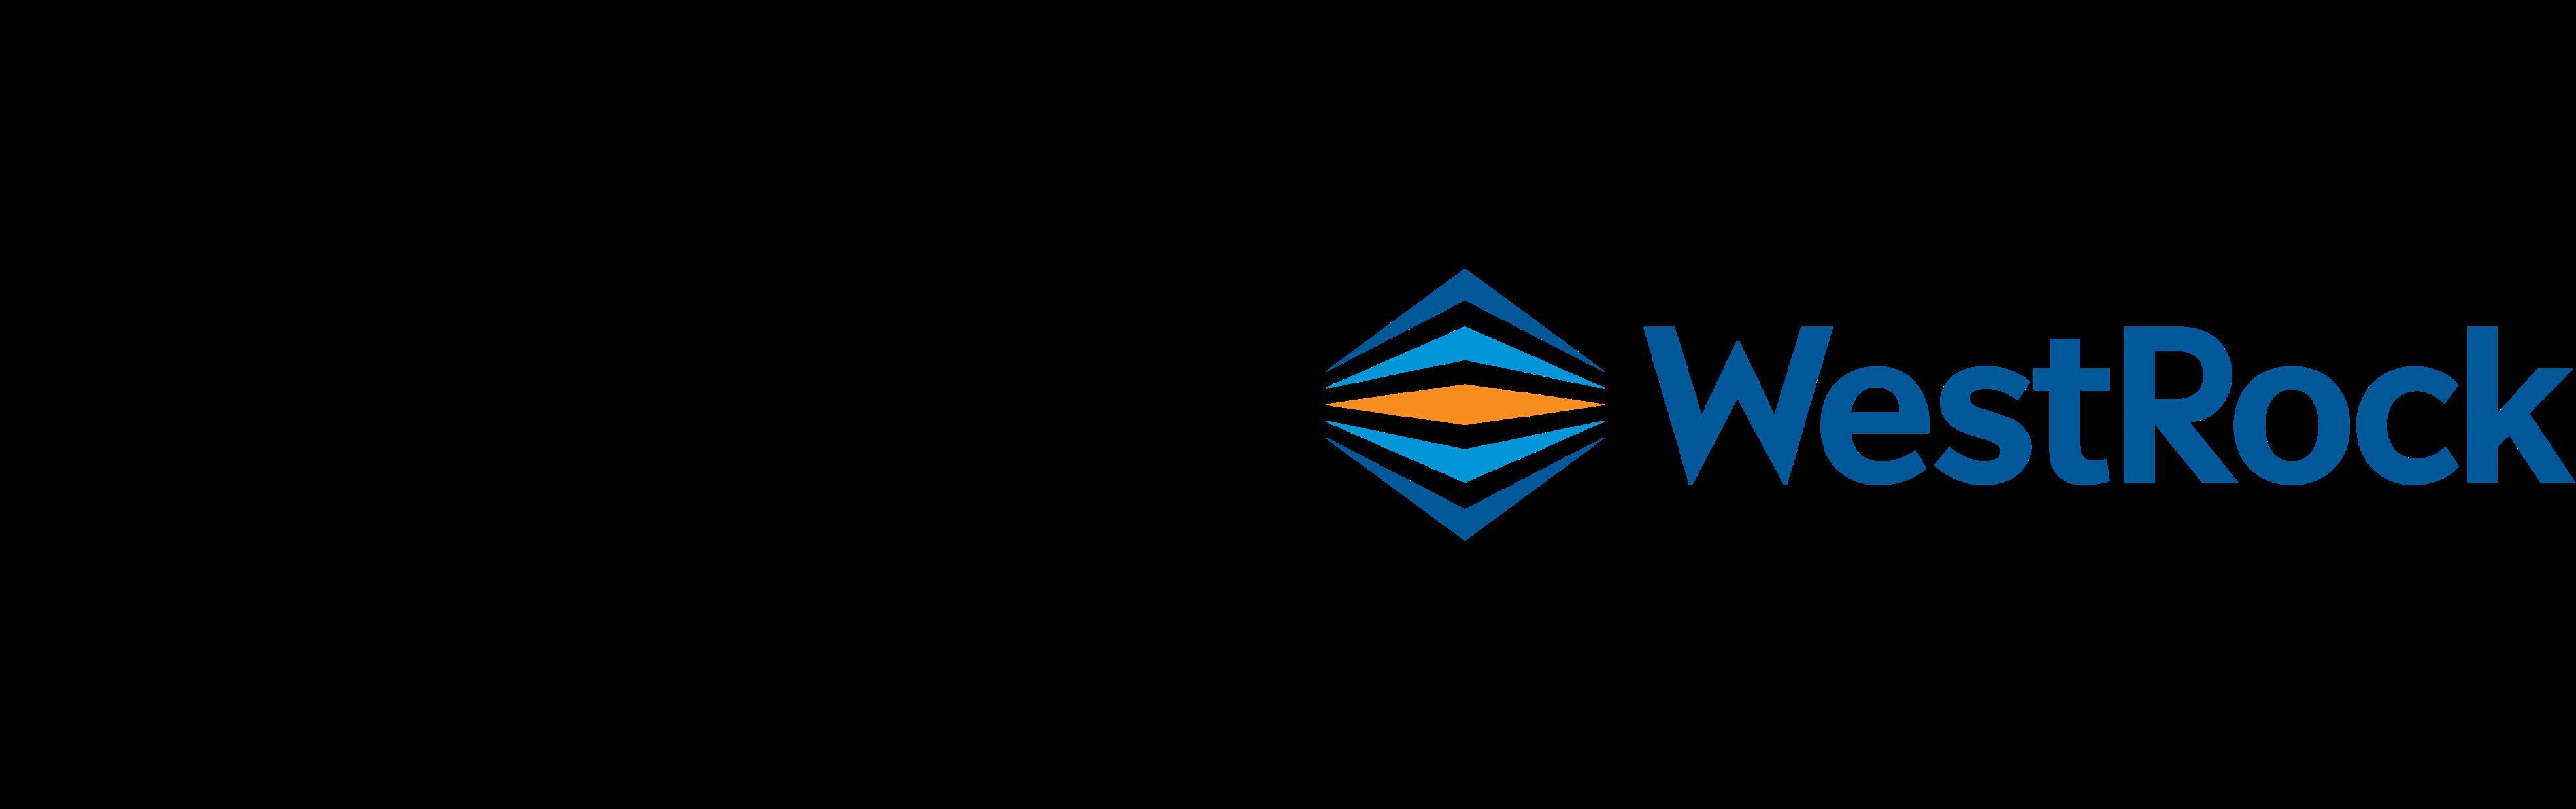 Heinz and WestRock Logos